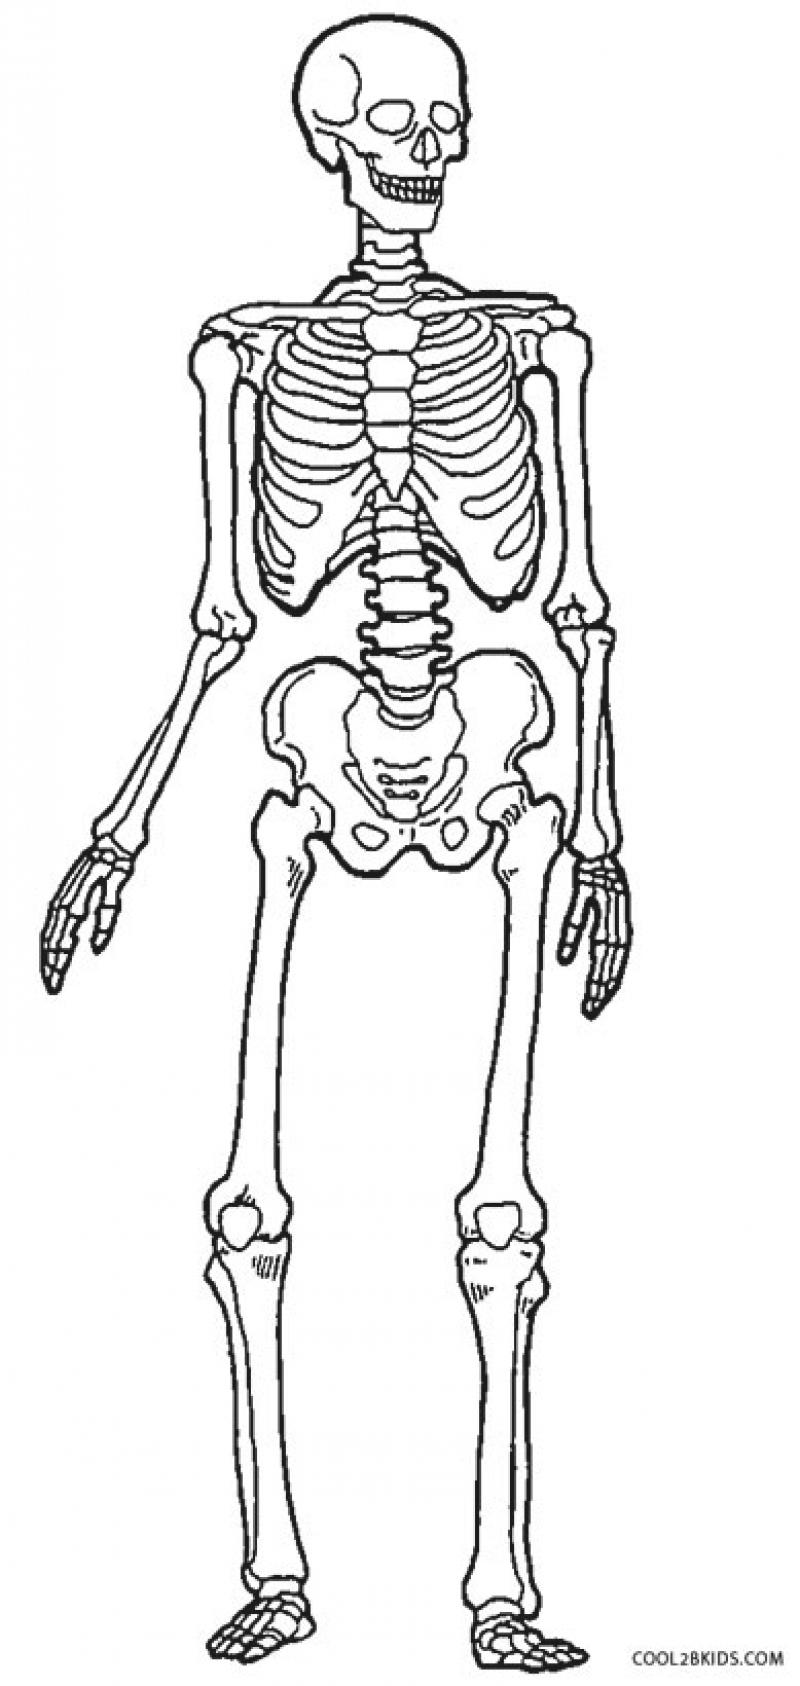 human bones drawing at getdrawings com